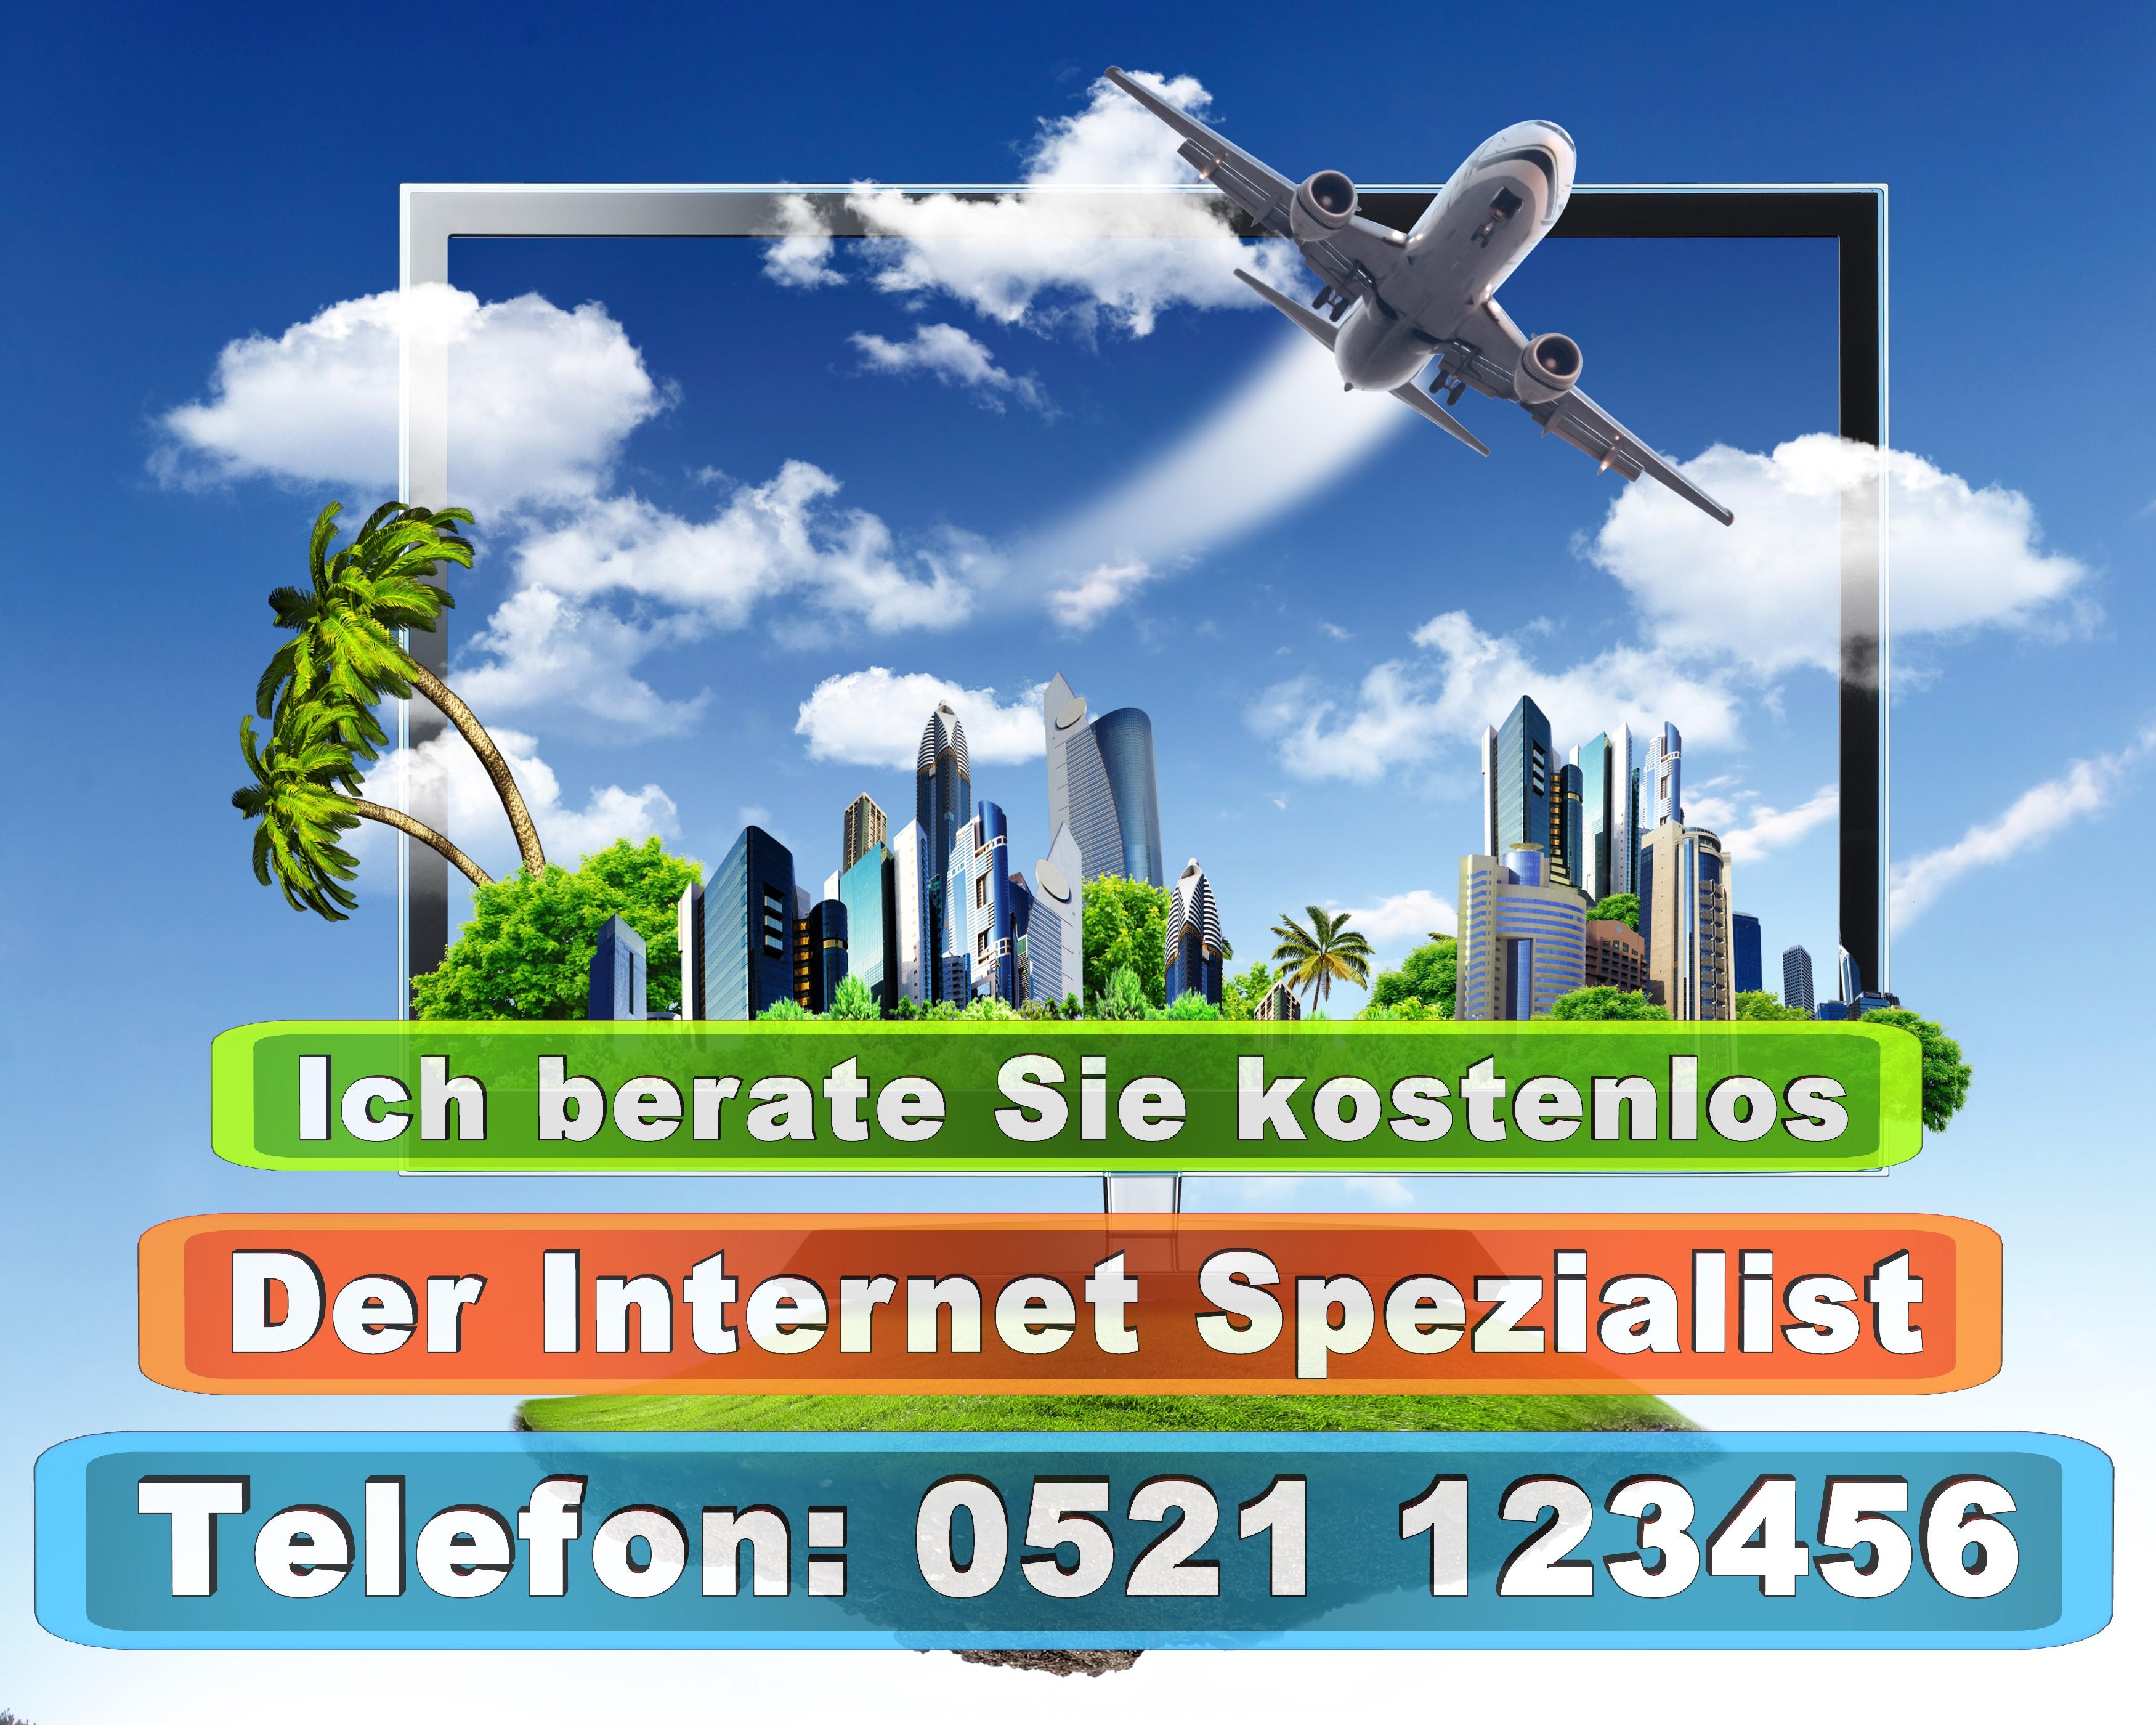 Sportvereine Bielefeld Teutoburger Wald Eisenbahn Sparrenburg Tierpark Bielefeld Gibt Es Nicht Joke Map Germany Conspirancy Photos Pictures Images (10)